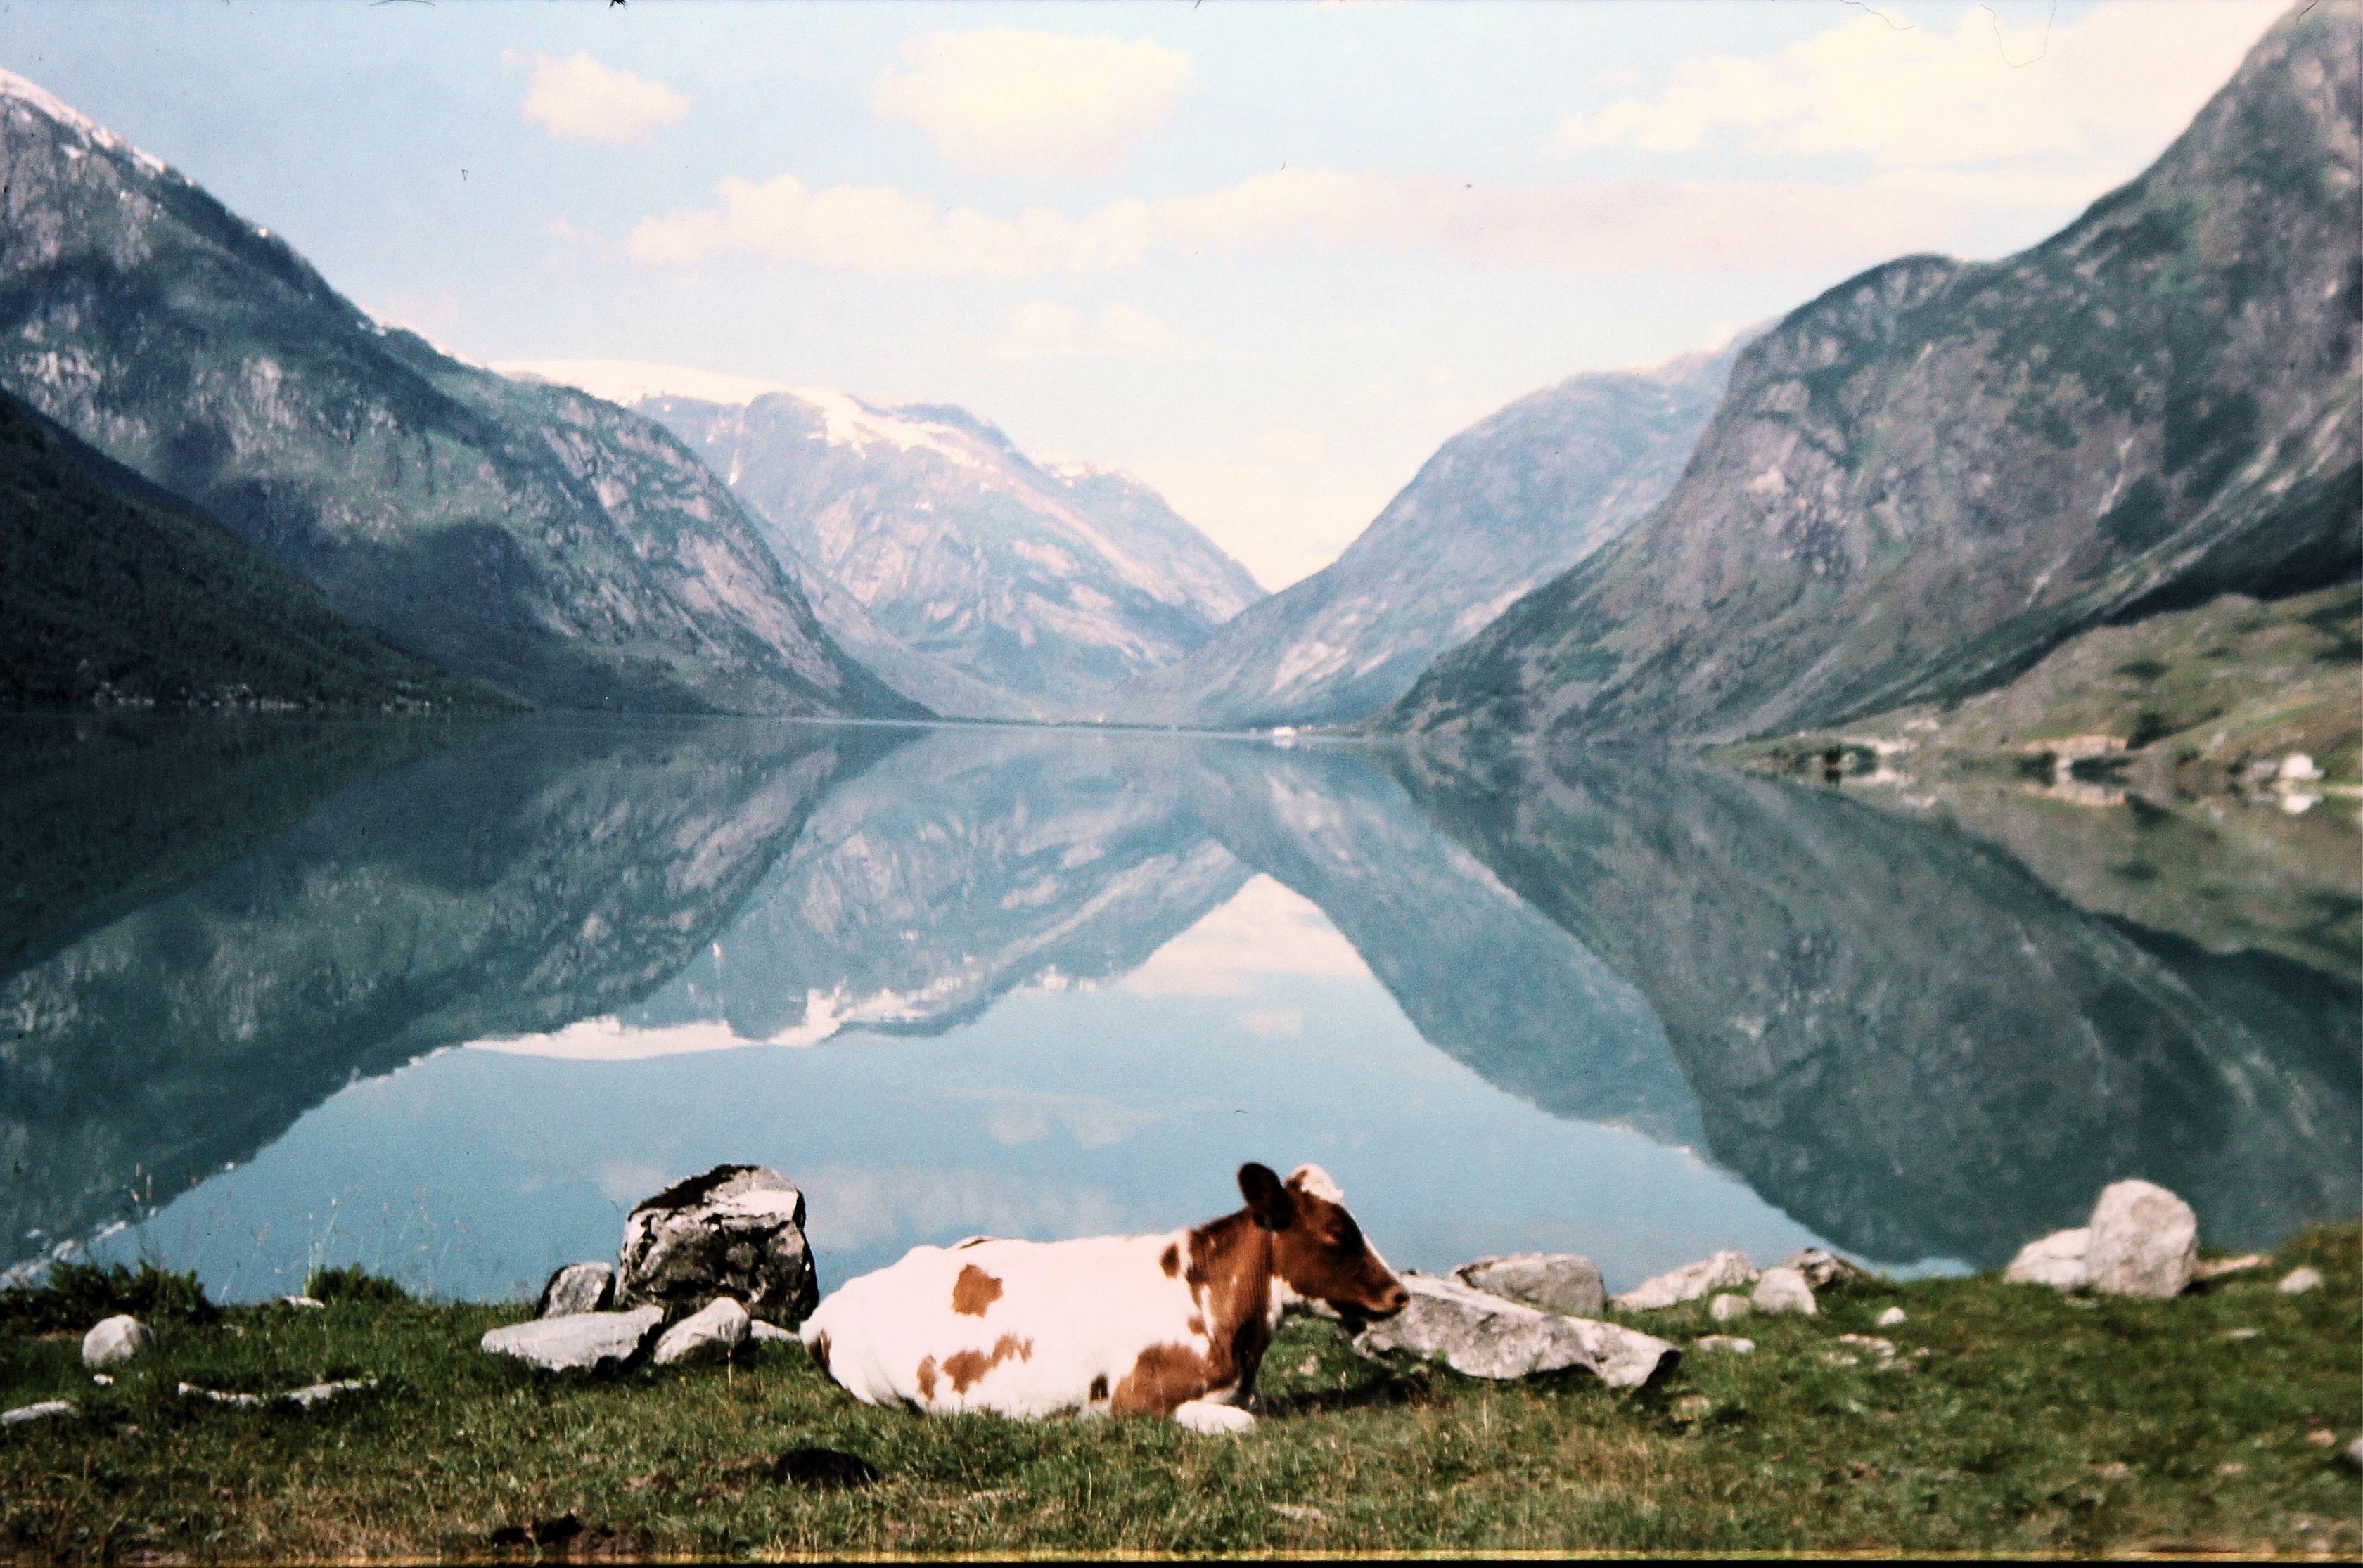 Norwegen Fjord Spiegellandschaft mit Kuh